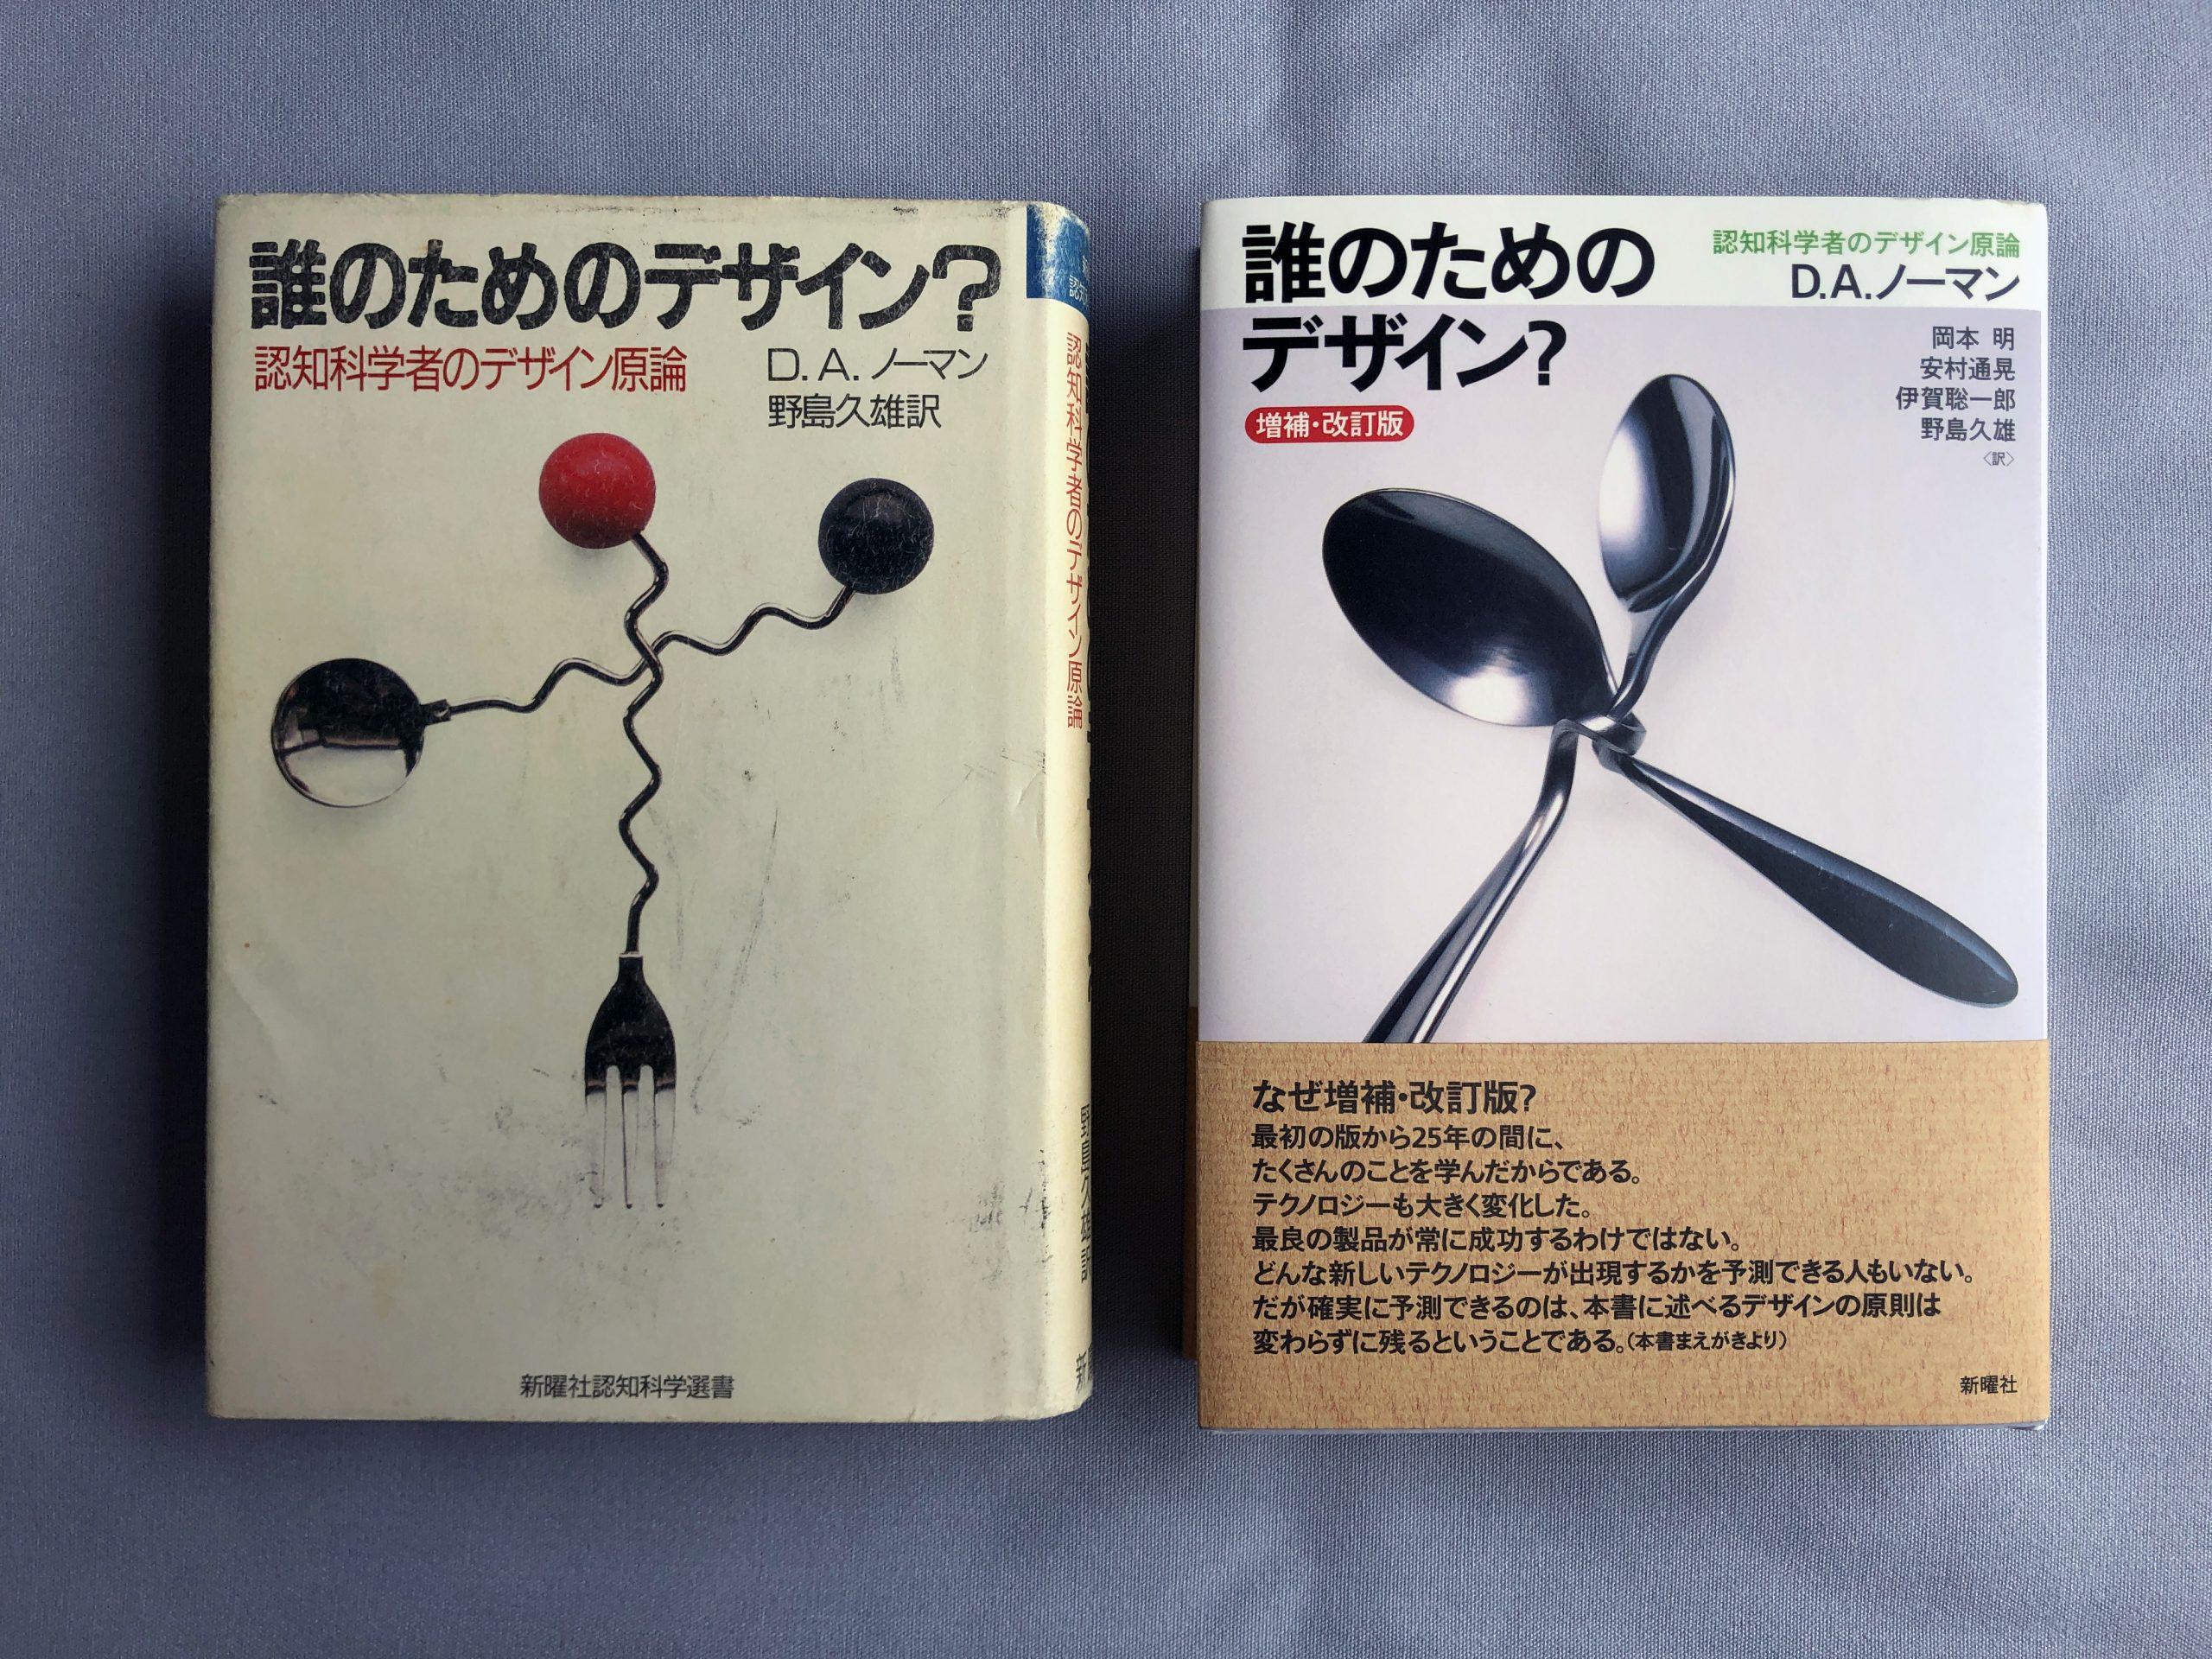 書籍 誰のためのデザイン? 認知科学者のデザイン言論